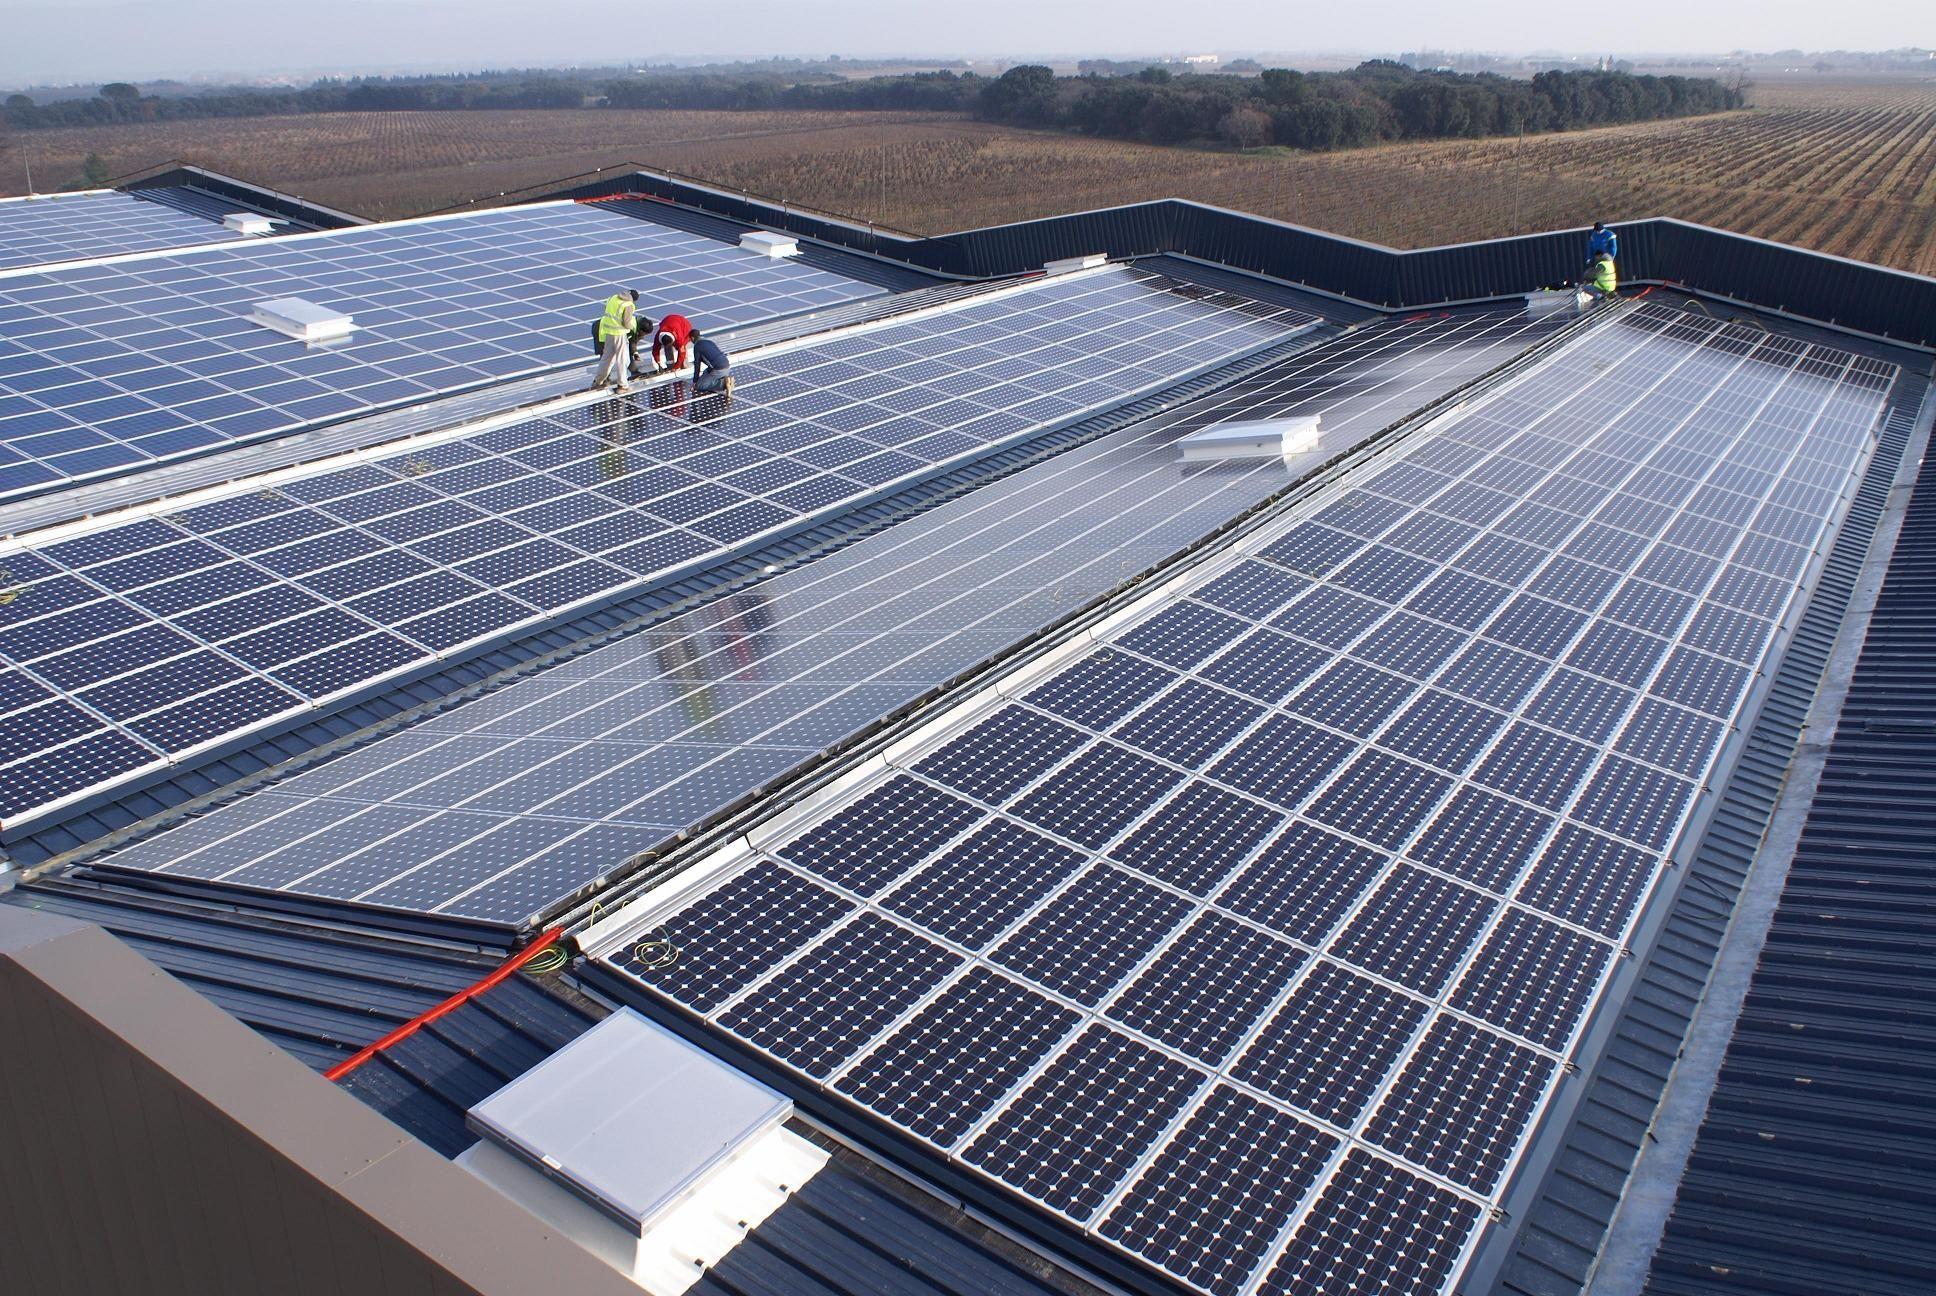 La Cour des comptes publie ce jeudi un rapport sur les énergies renouvelables.